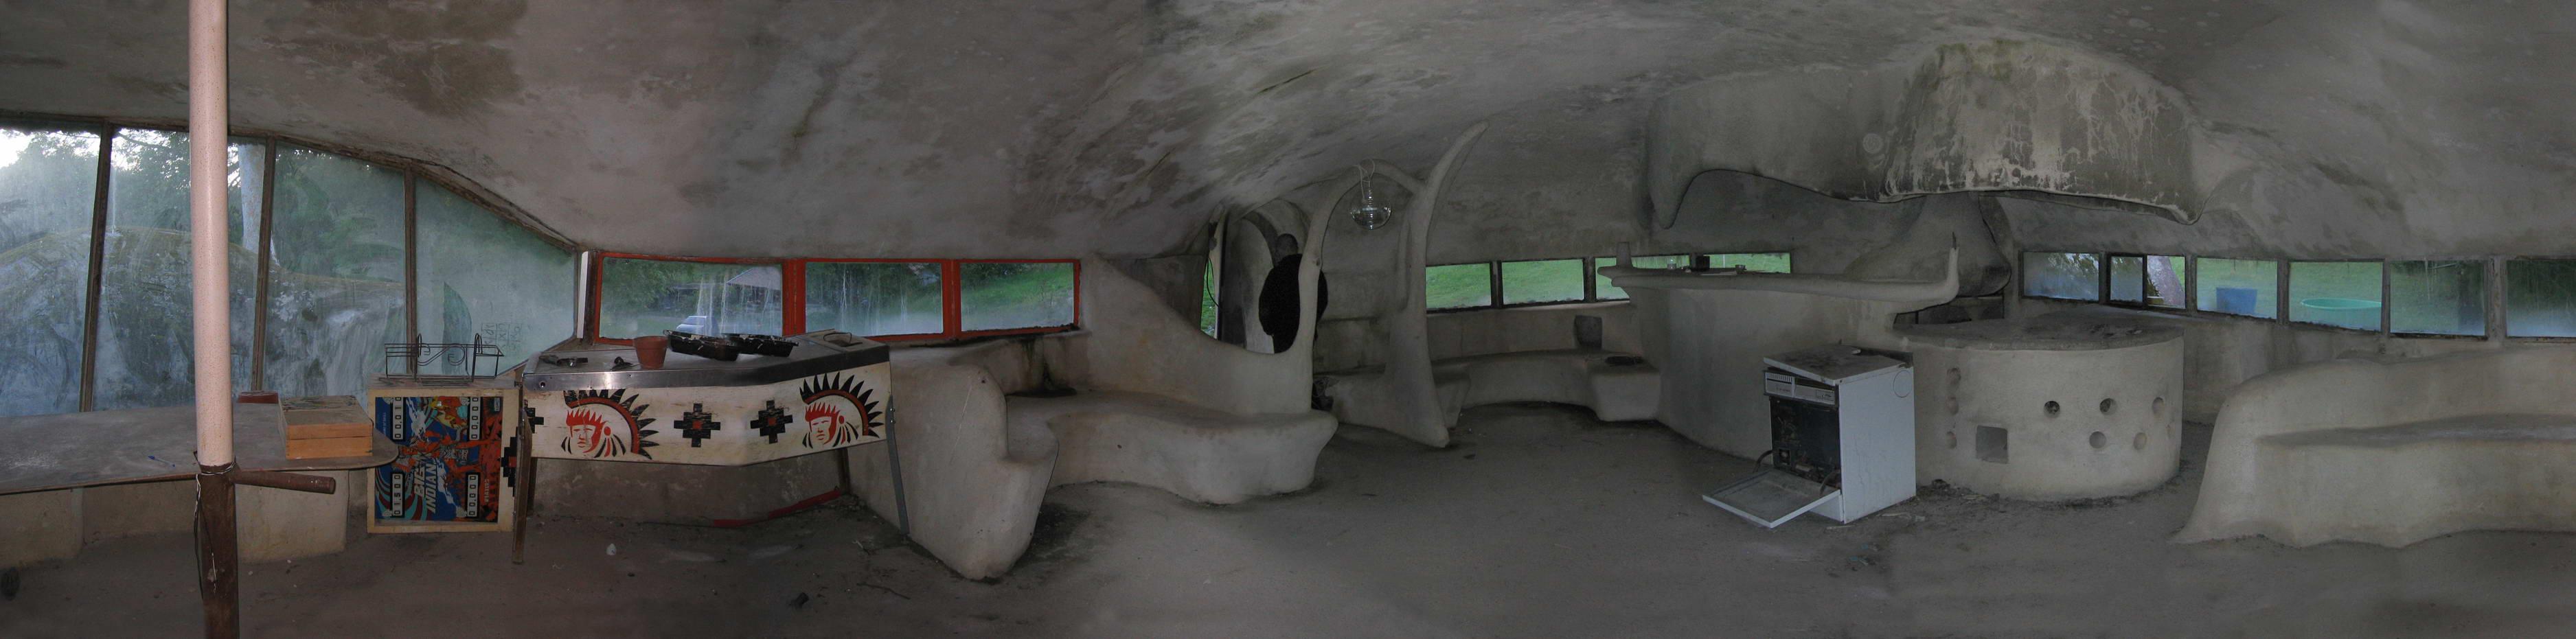 Interieur-360_1_2